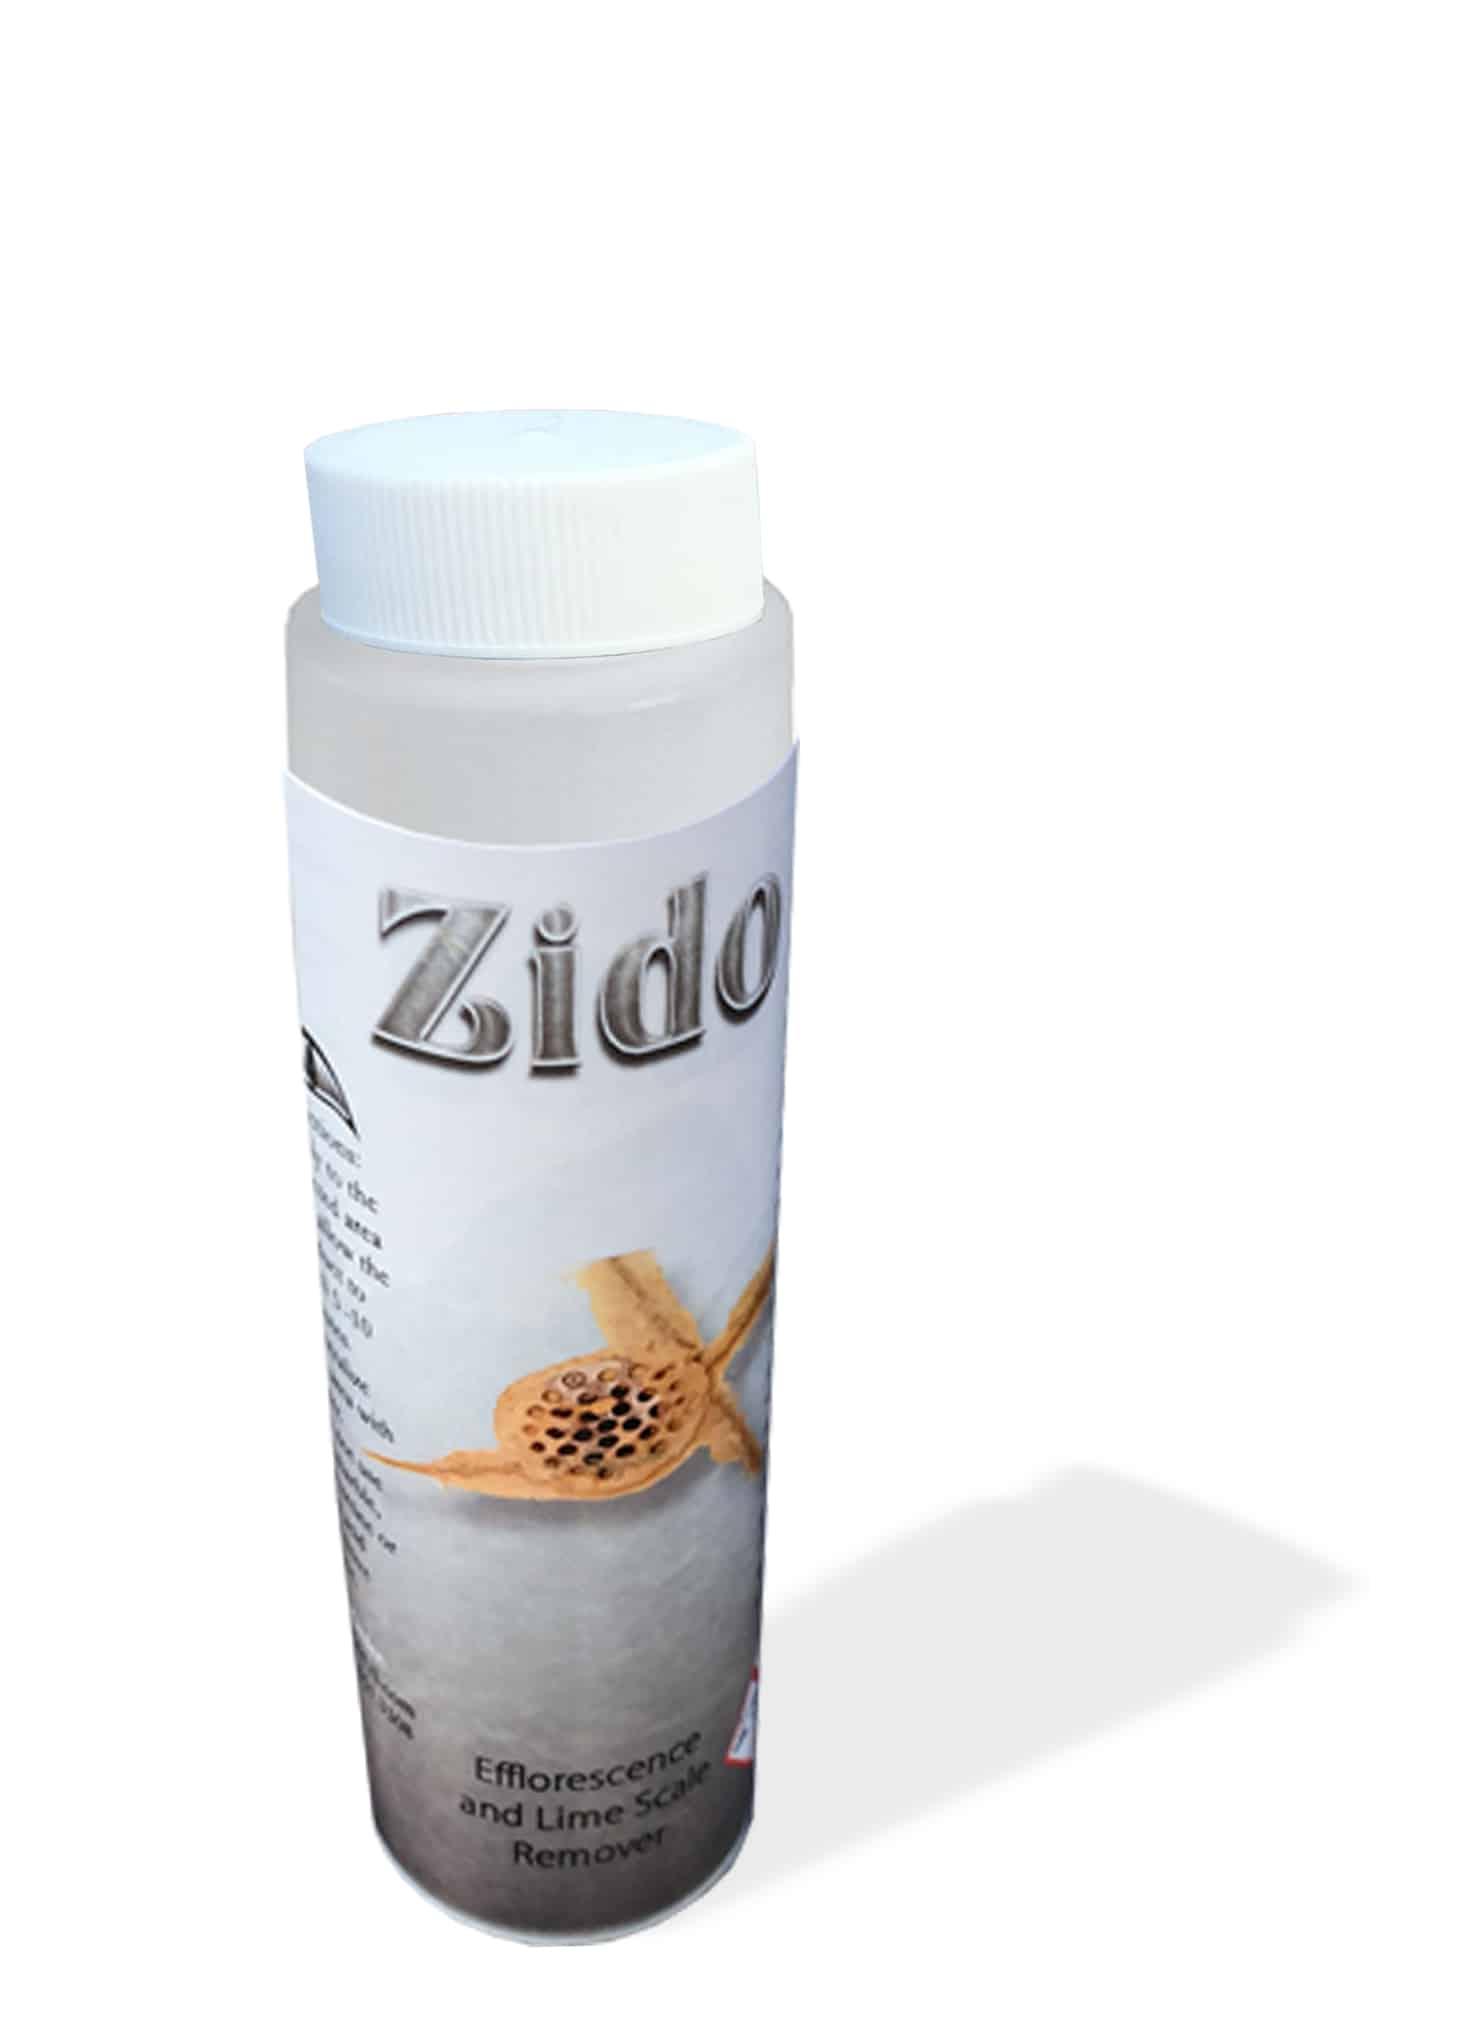 Zido-1